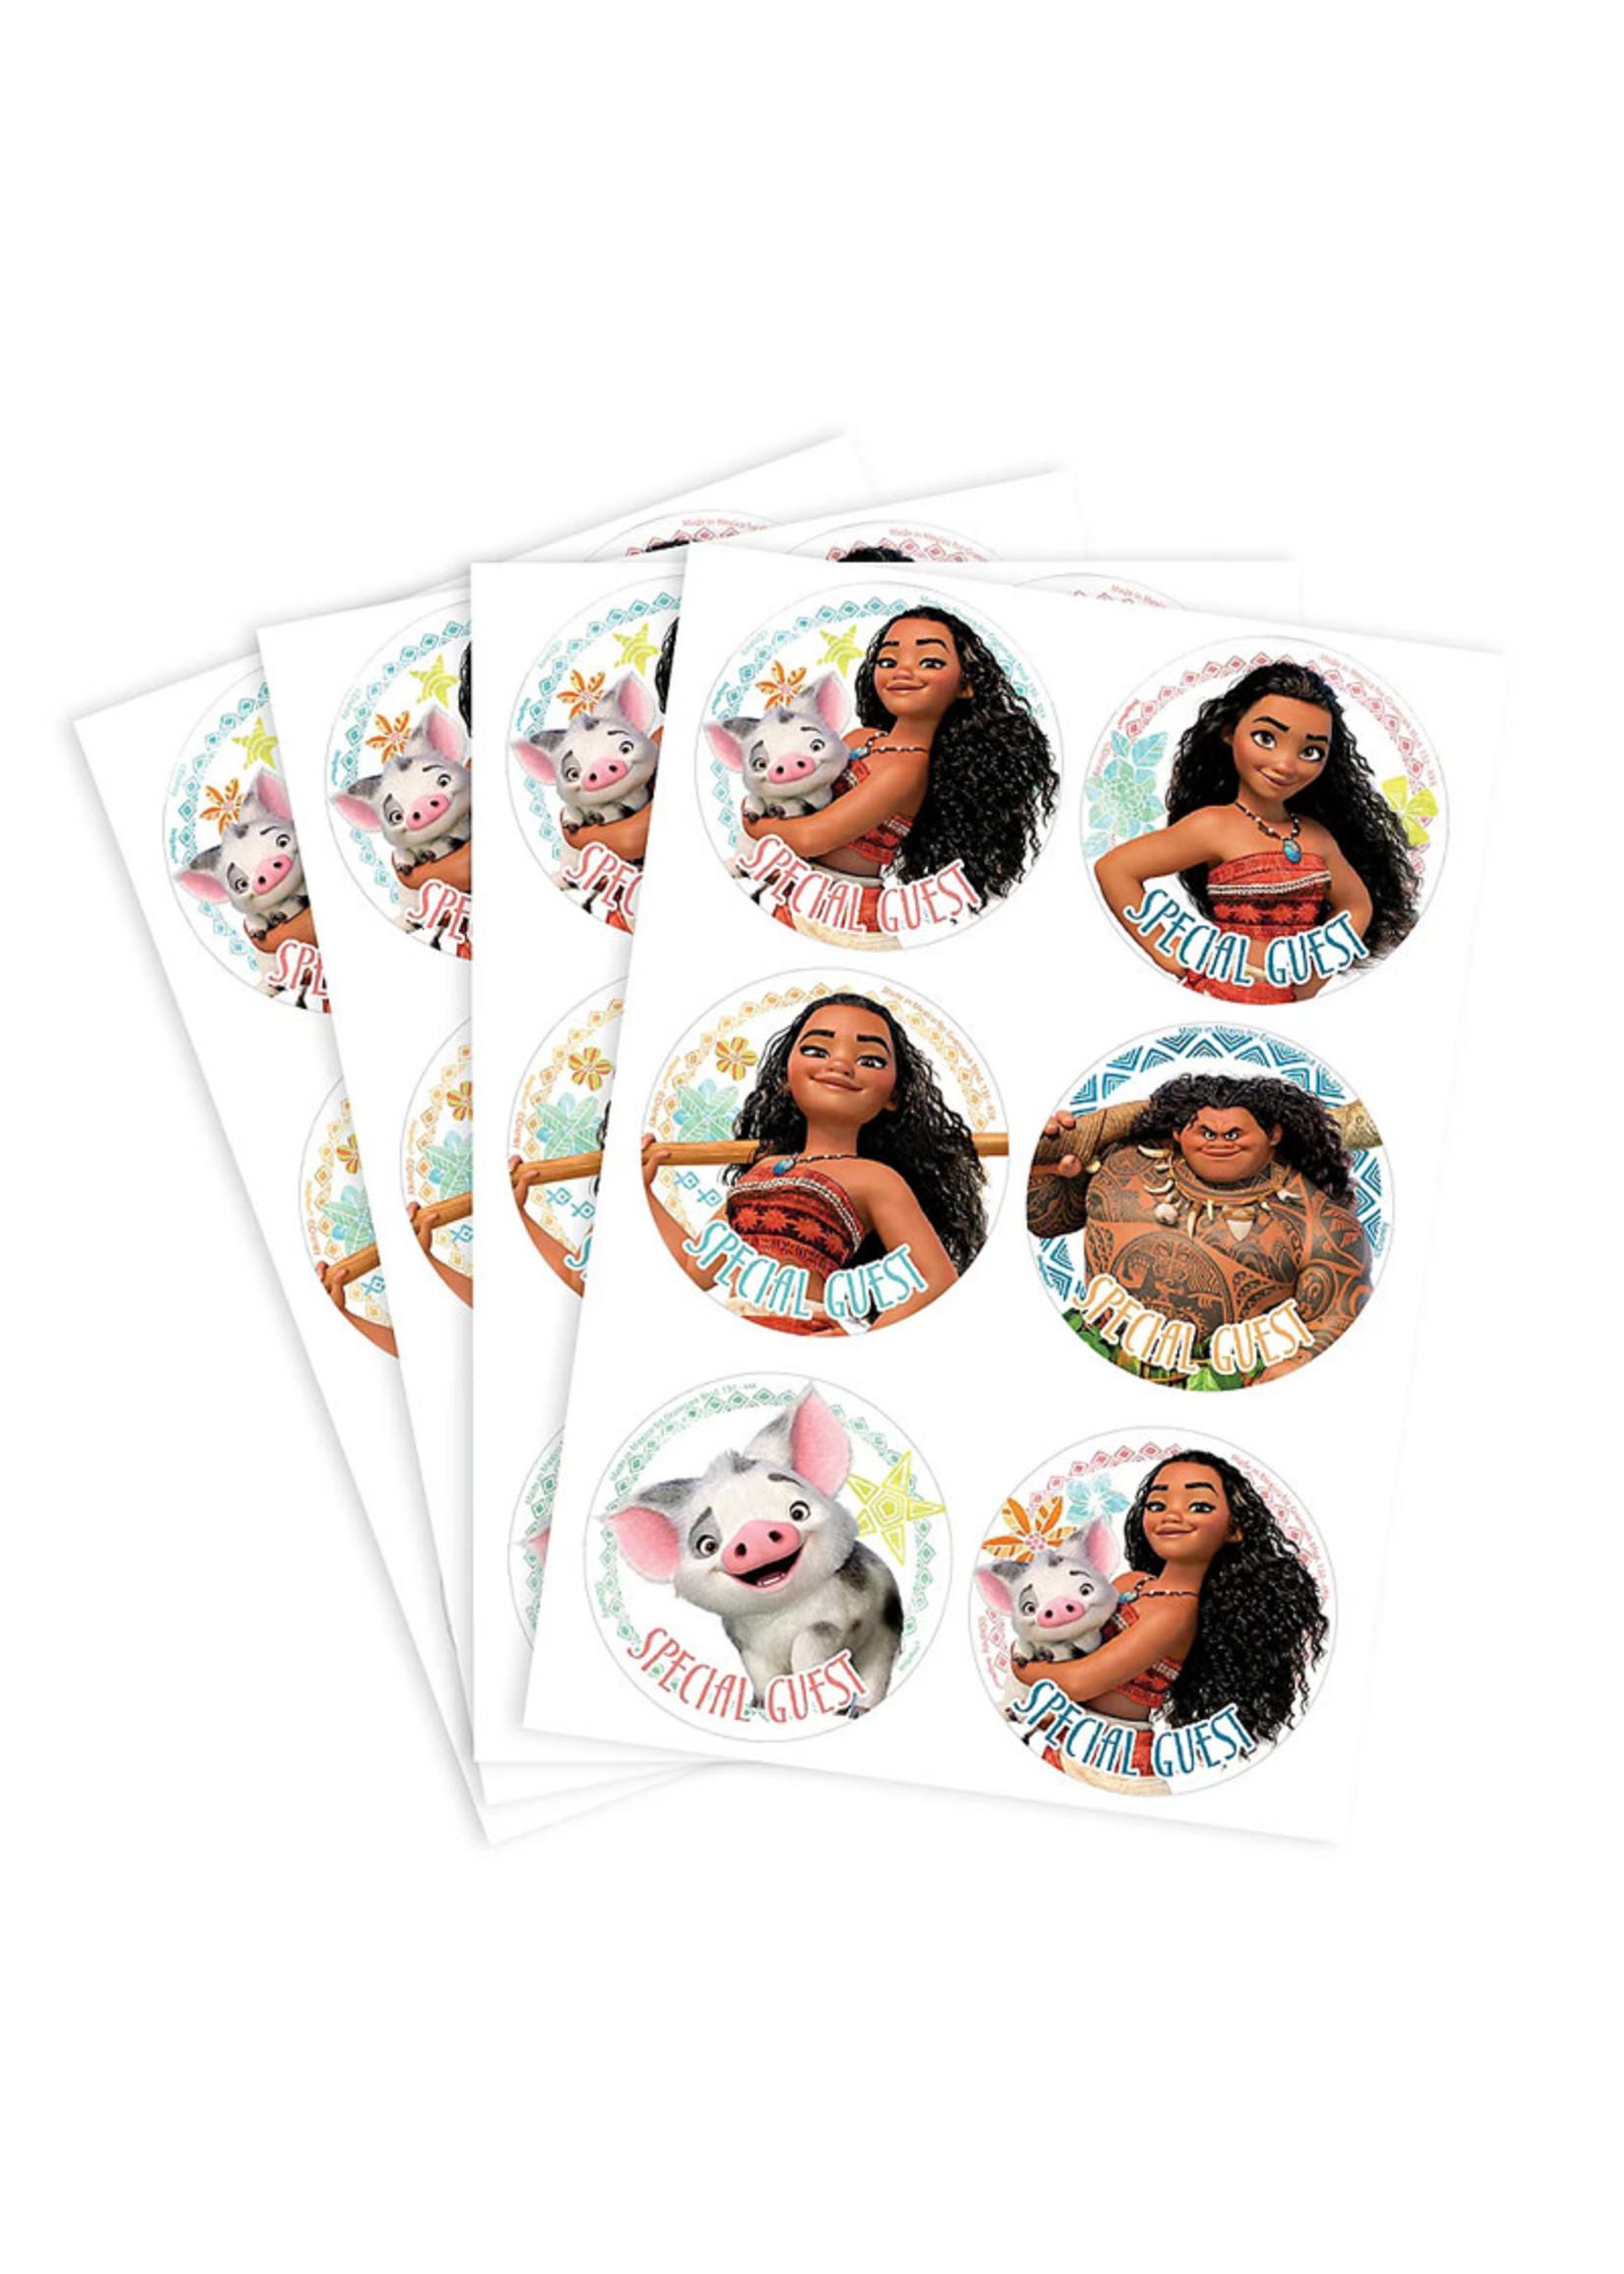 Moana Stickers - 4 Sheets